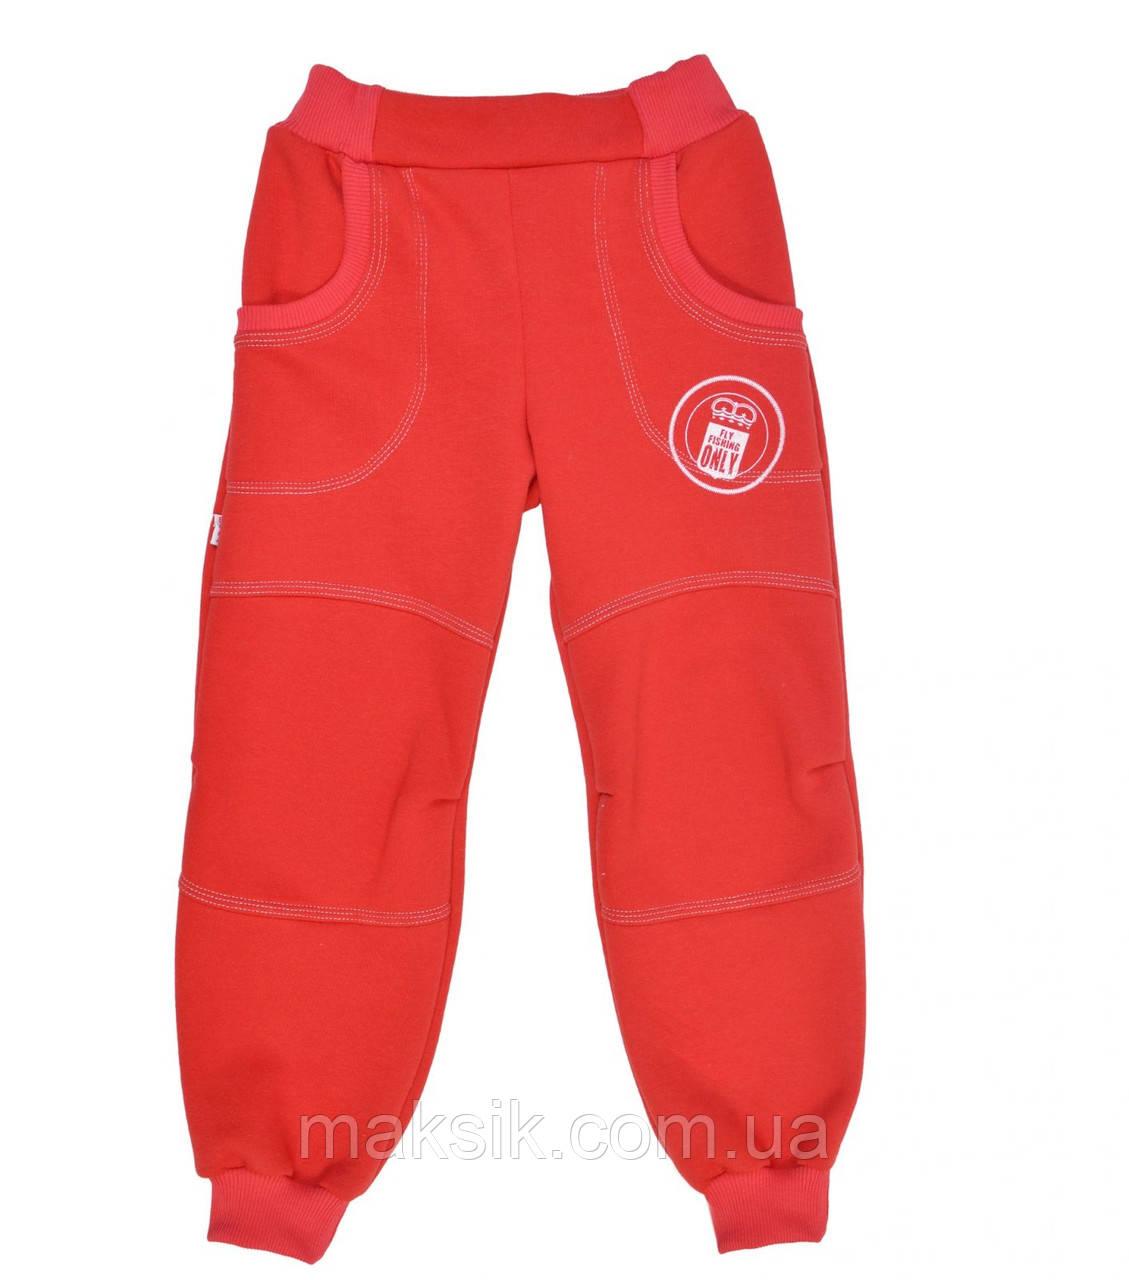 Тёплые спортивные штаны для девочки р.116-128